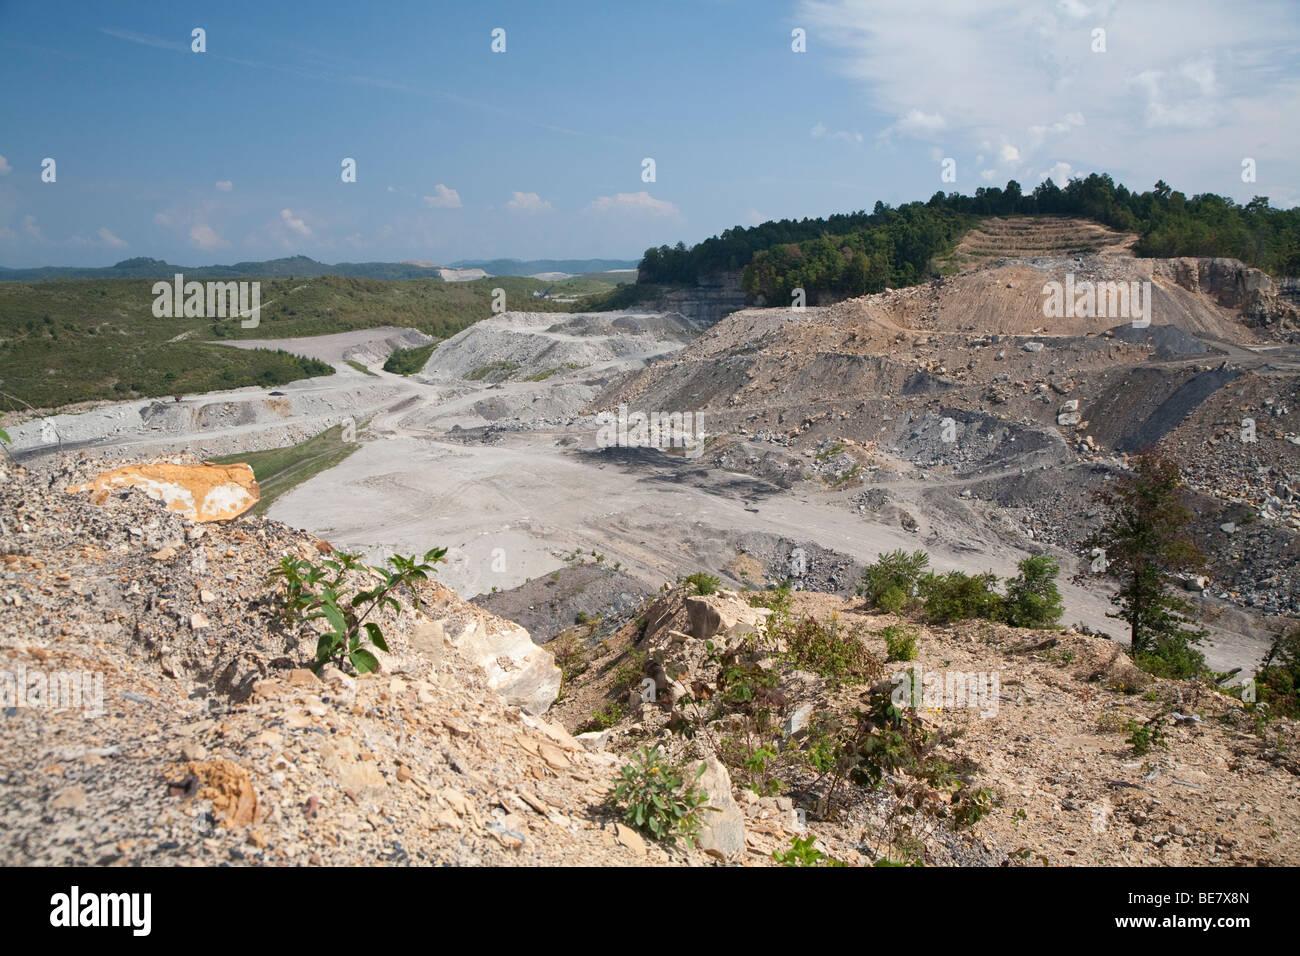 Extracción de la minería del carbón en la montaña Foto de stock